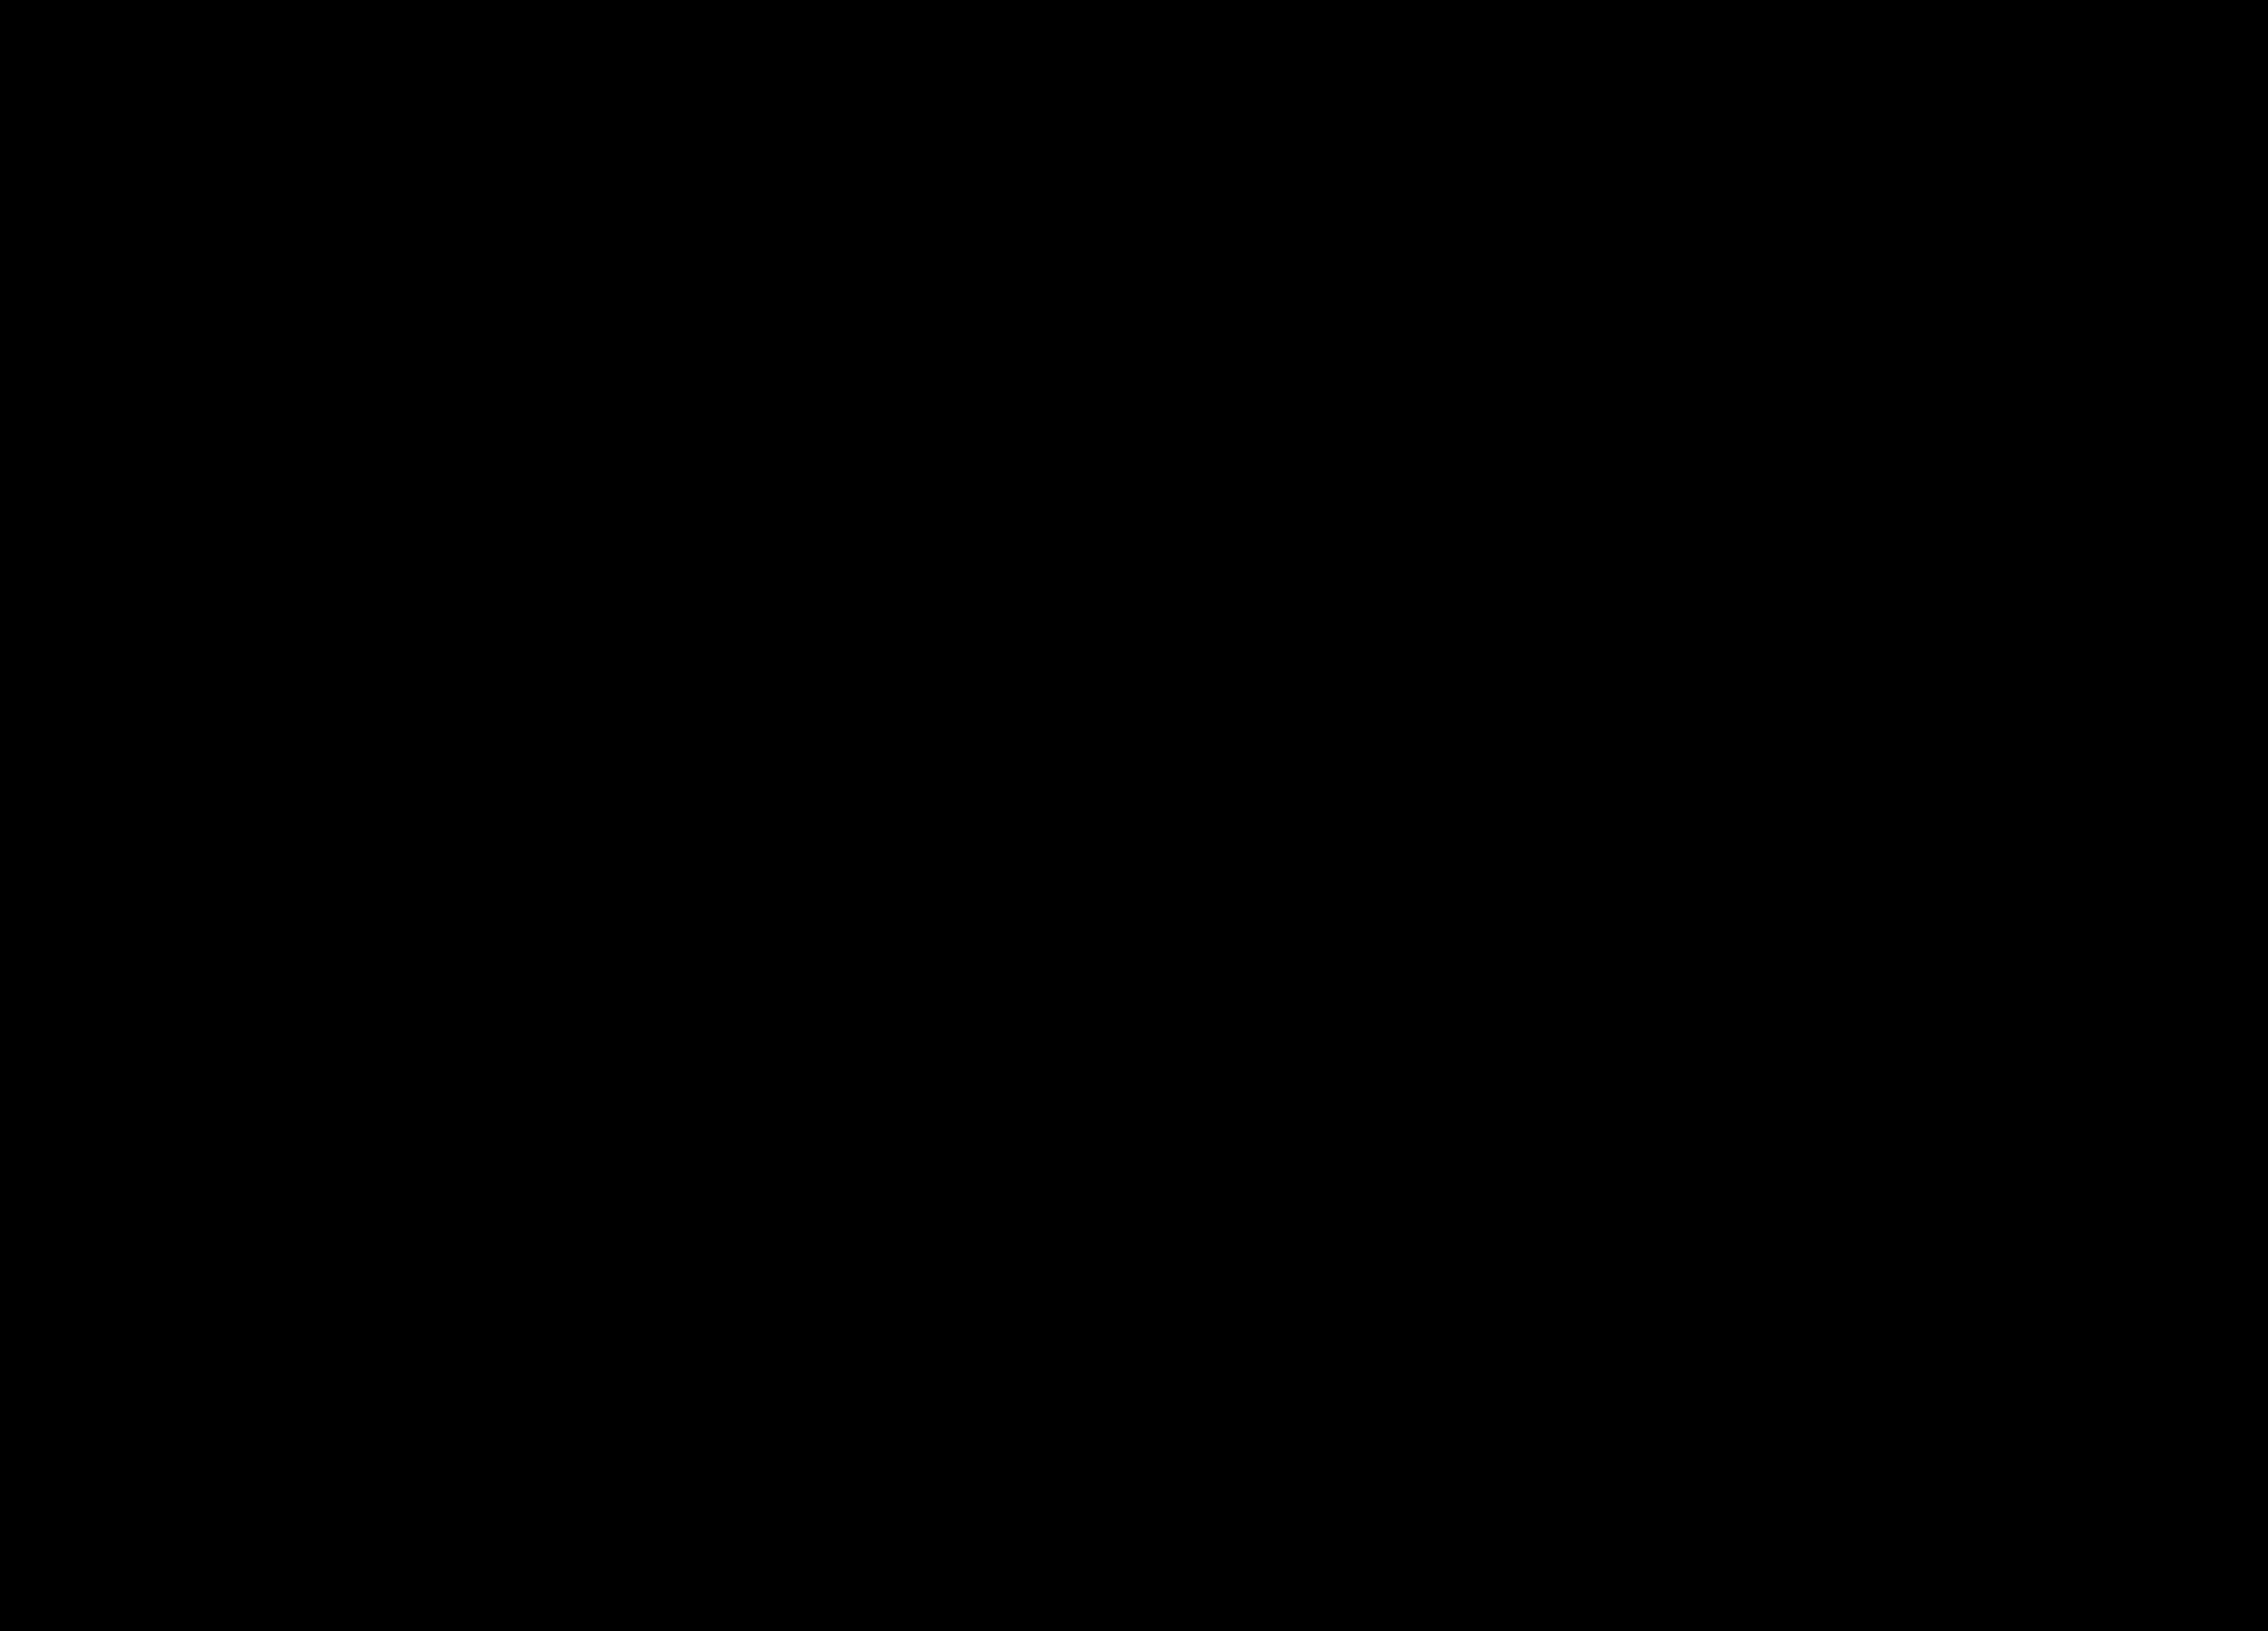 Image REMSIMA 120 mg S inj en stylo prérempli Stylo+2Tamp